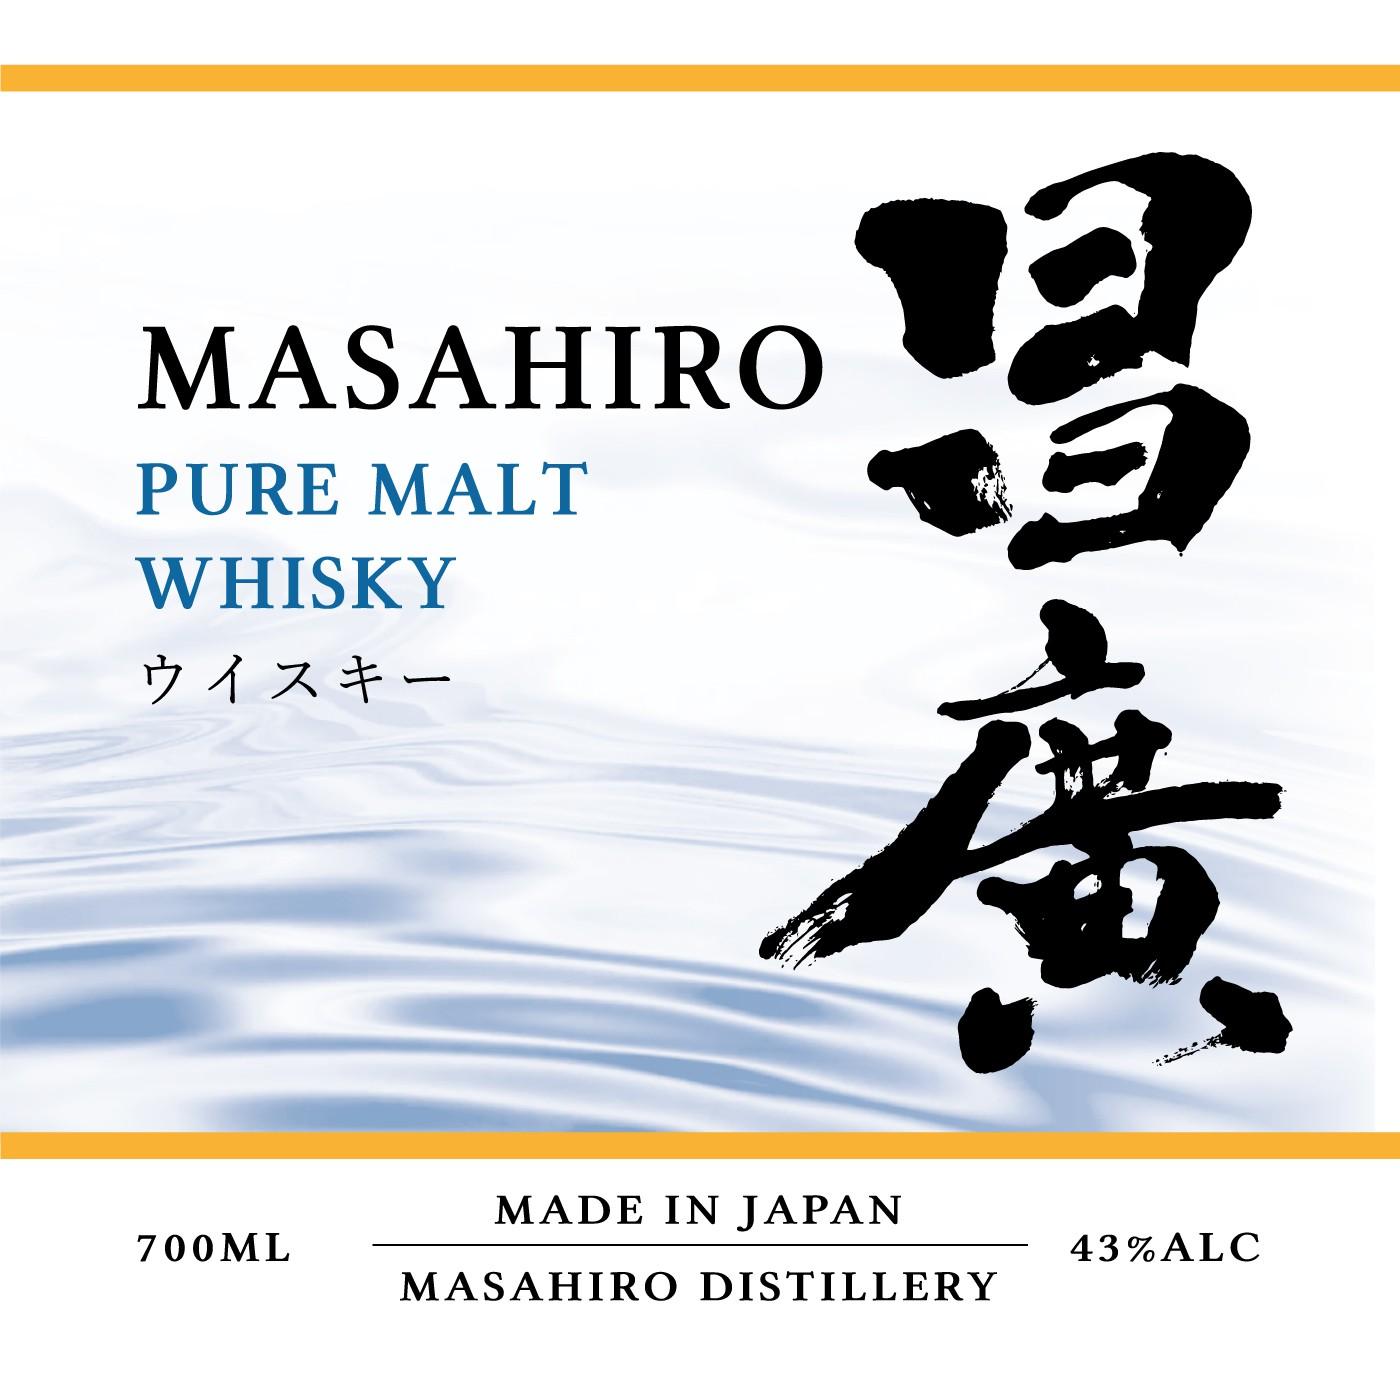 中国・アメリカで販売するジャパニーズウイスキーの商品ラベルデザイン